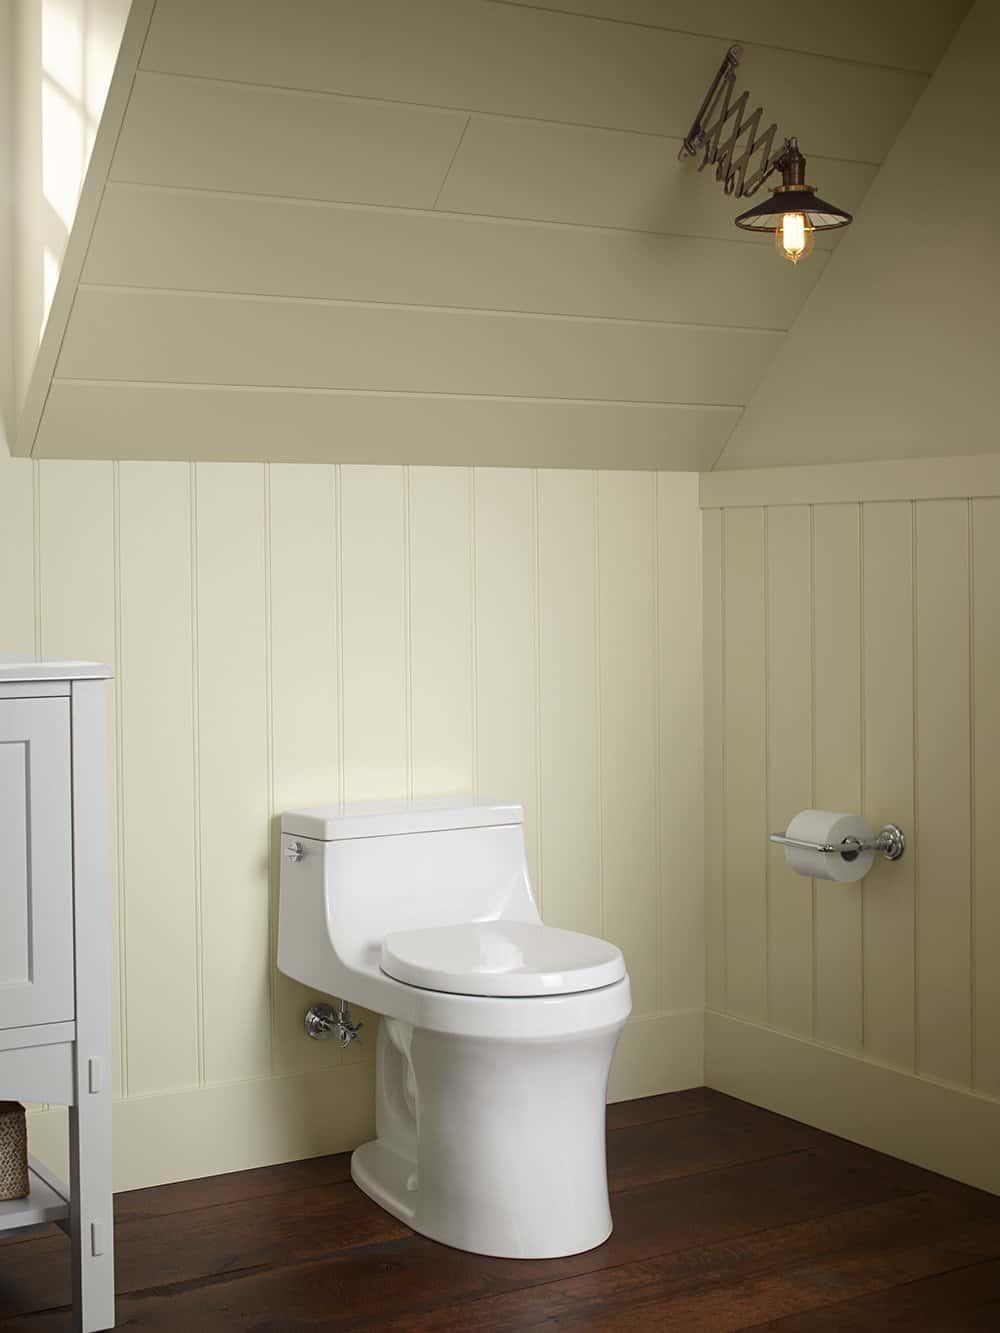 Kohler San Souci Round Front Toilet With Aquapiston Flushing Technology